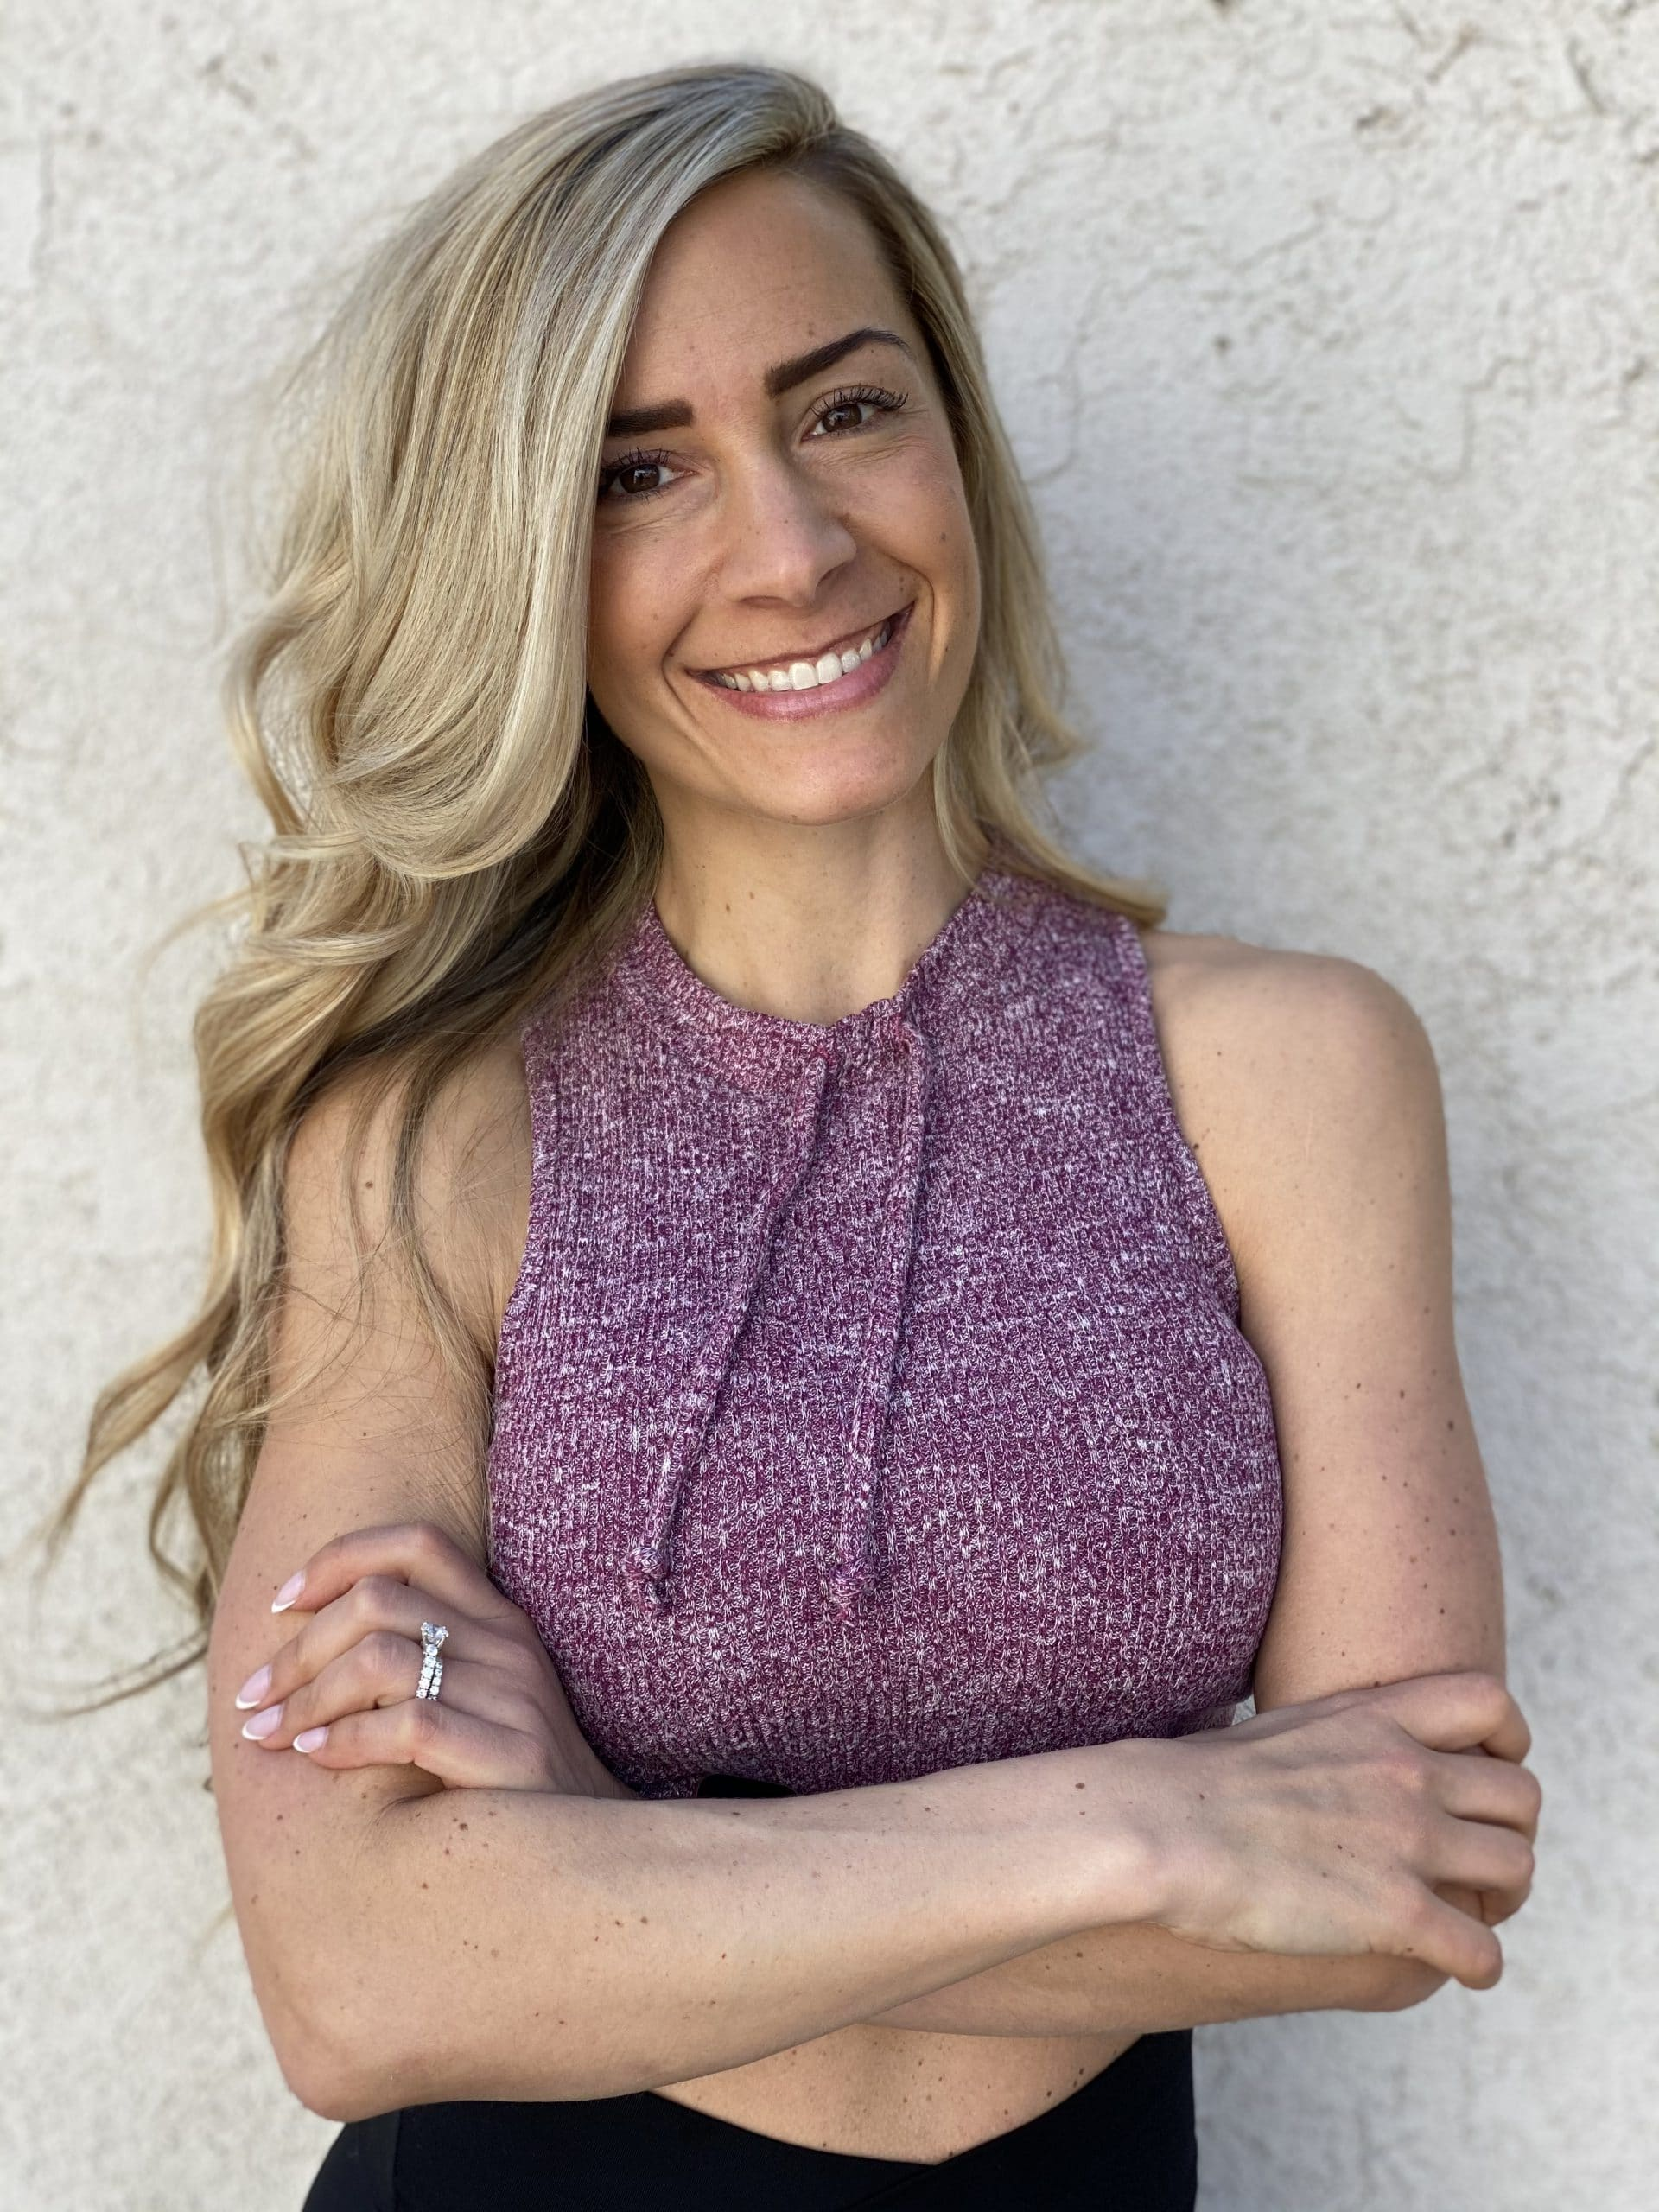 Alexa Coombs